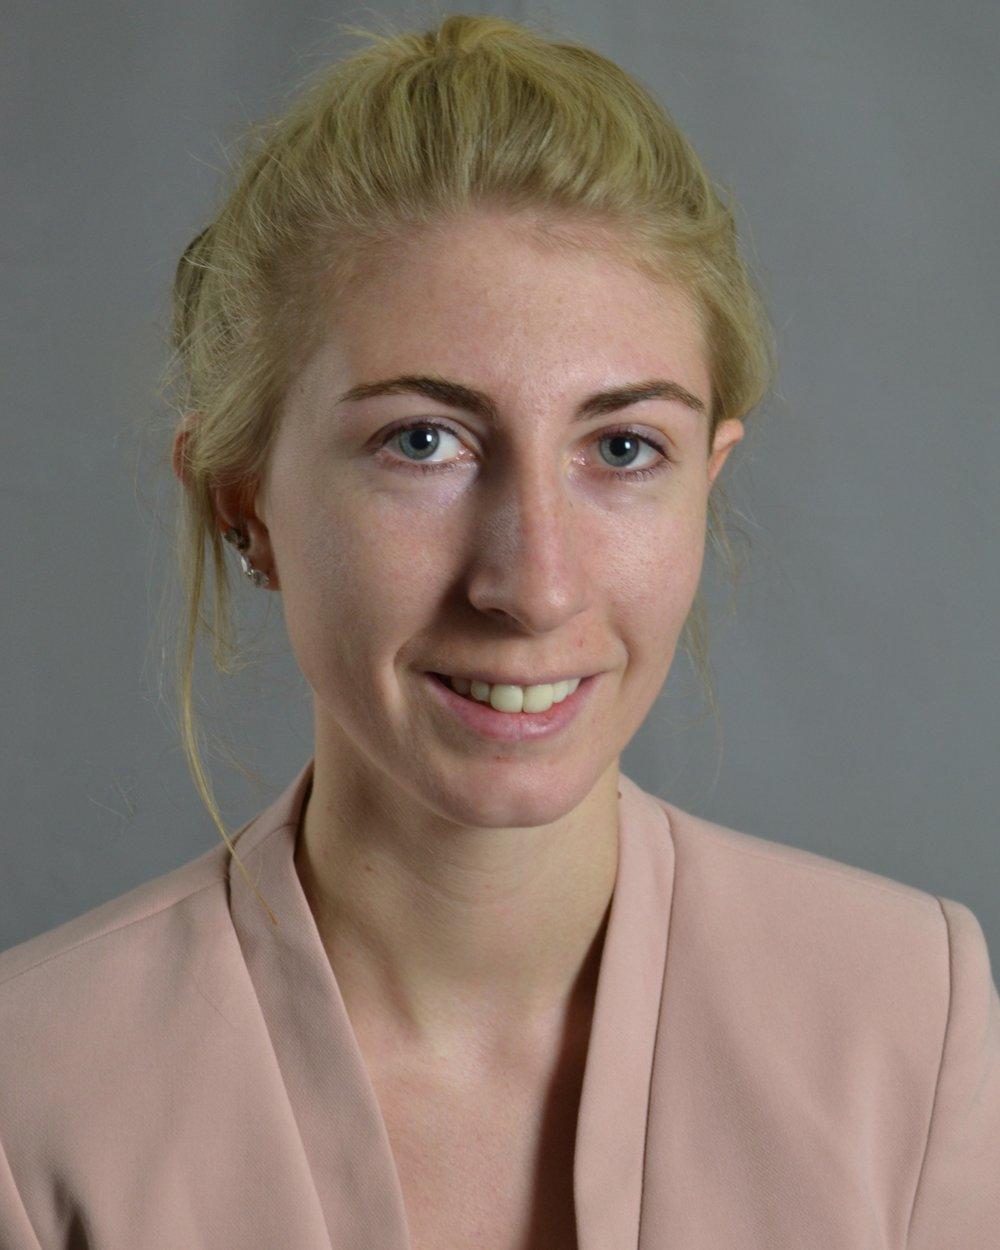 Simone Hartshorn